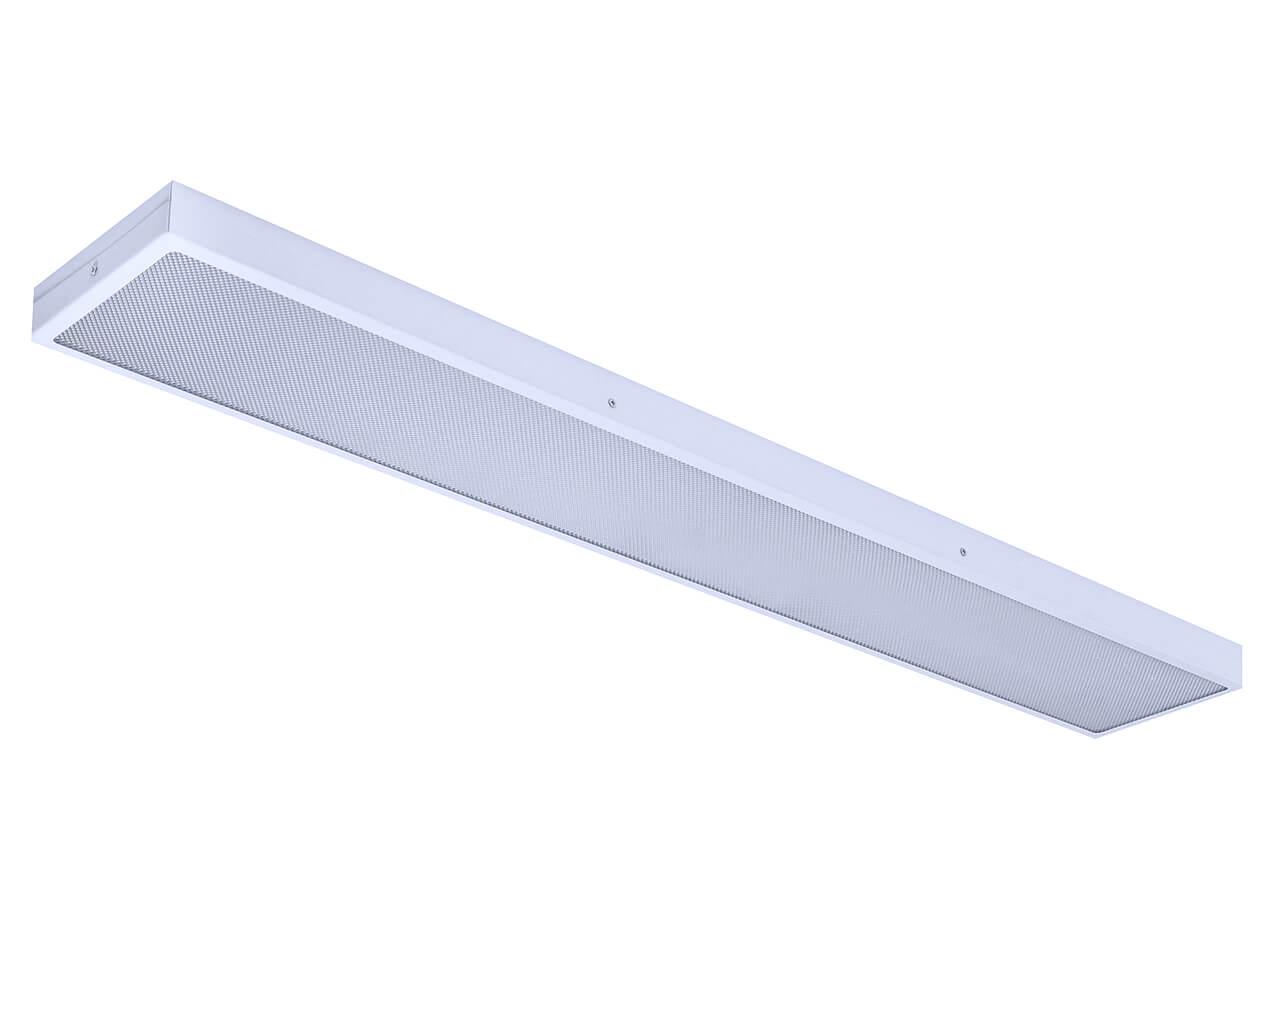 Накладной светильник LC-NS-SIP65-60 1195*180 IP65 Теплый белый Призма